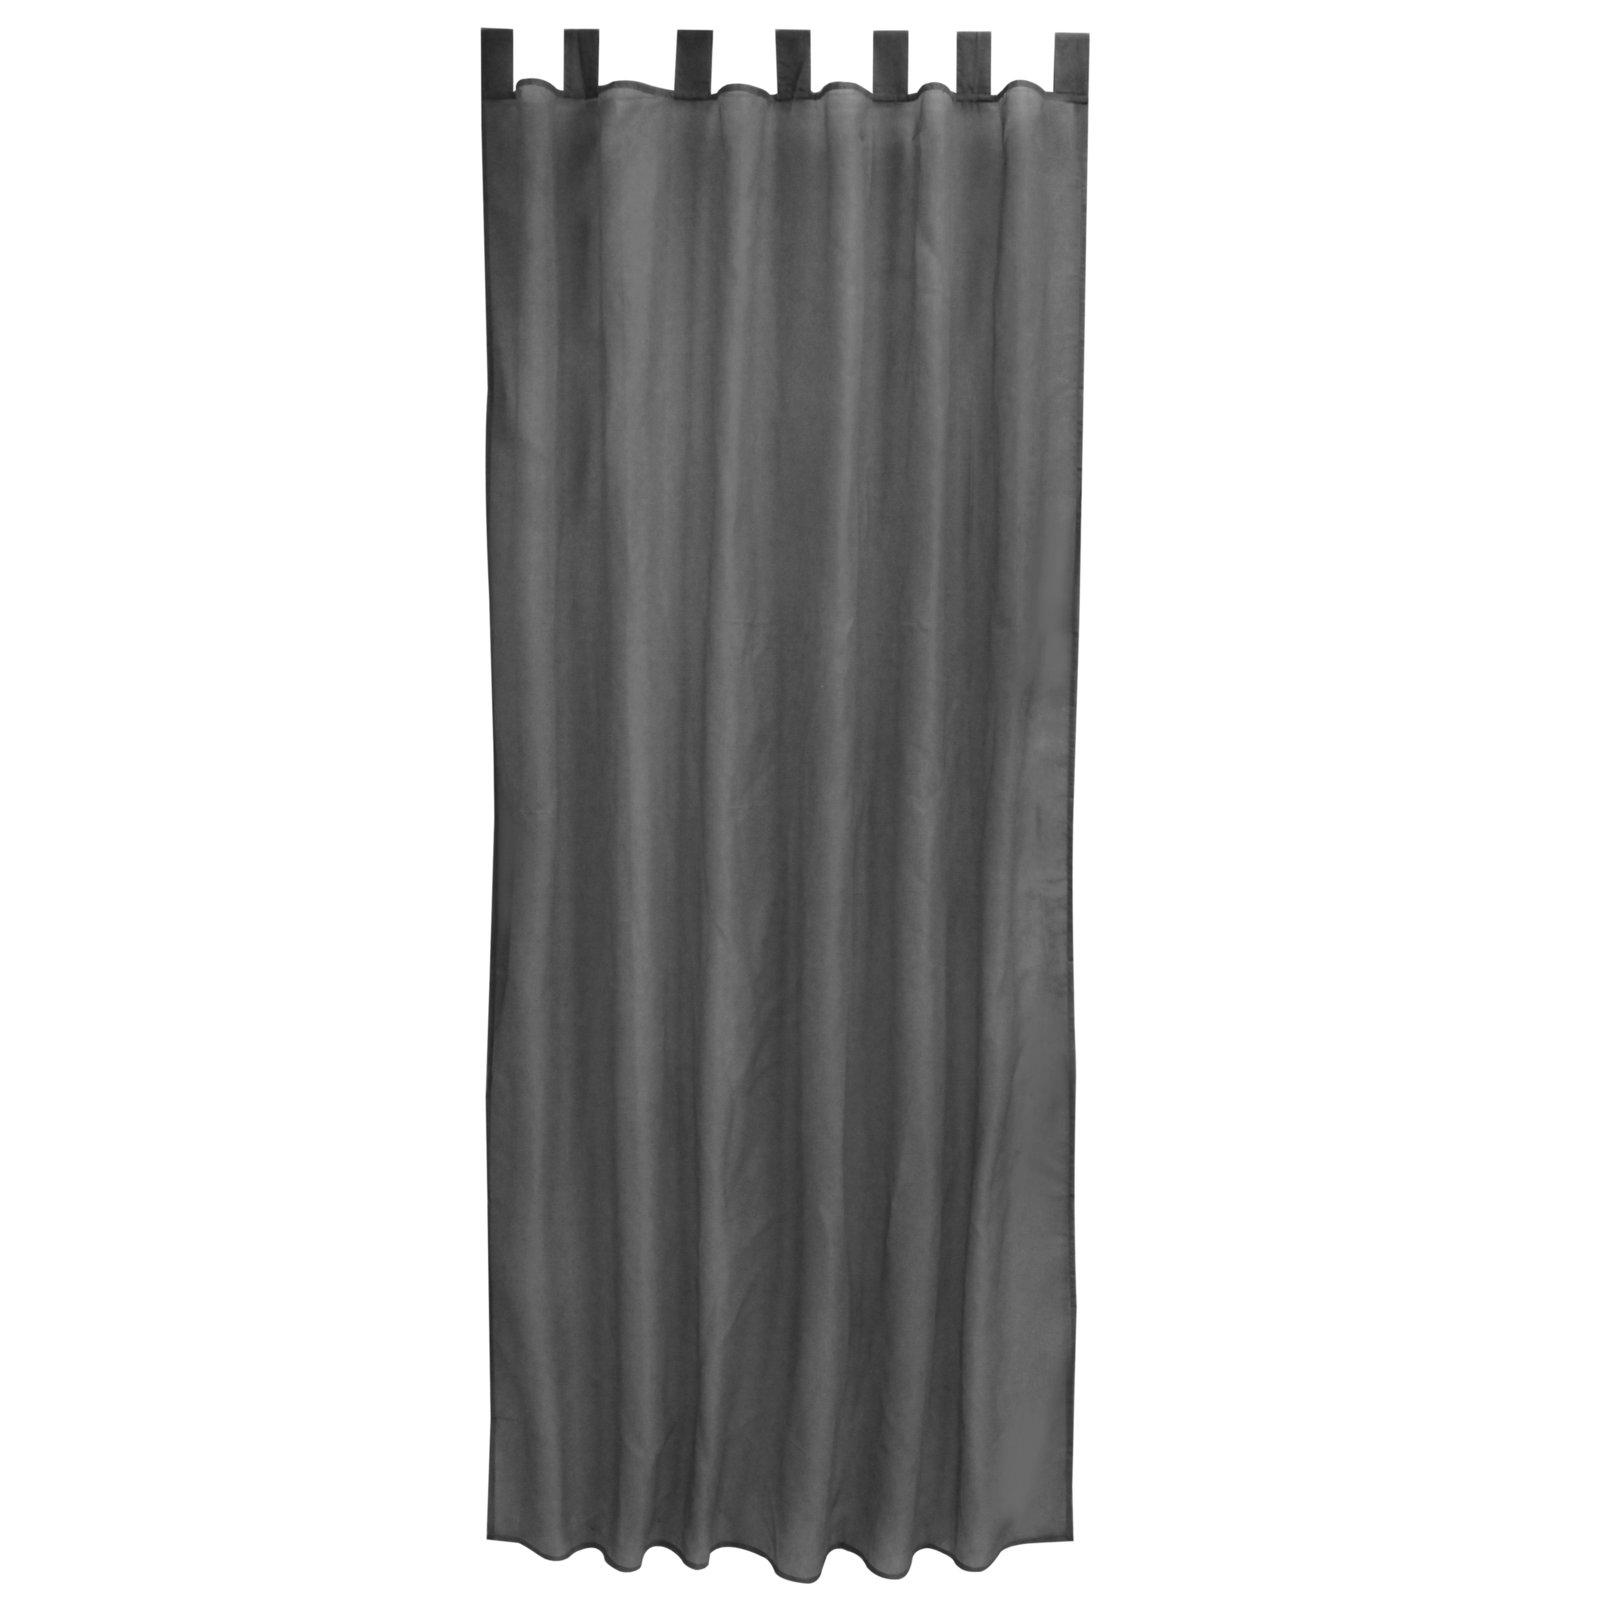 Schlaufenschal ALSTER - anthrazit - 140x235 cm